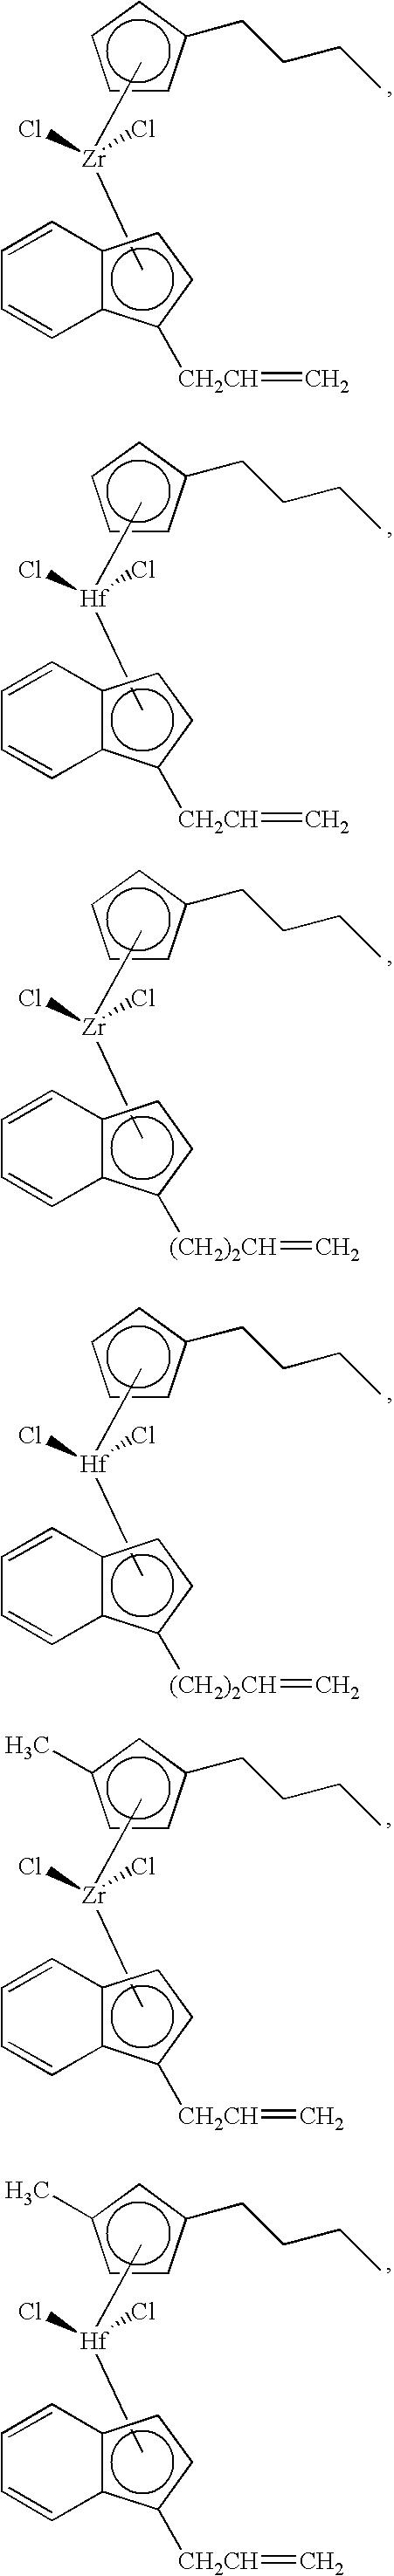 Figure US07619047-20091117-C00024